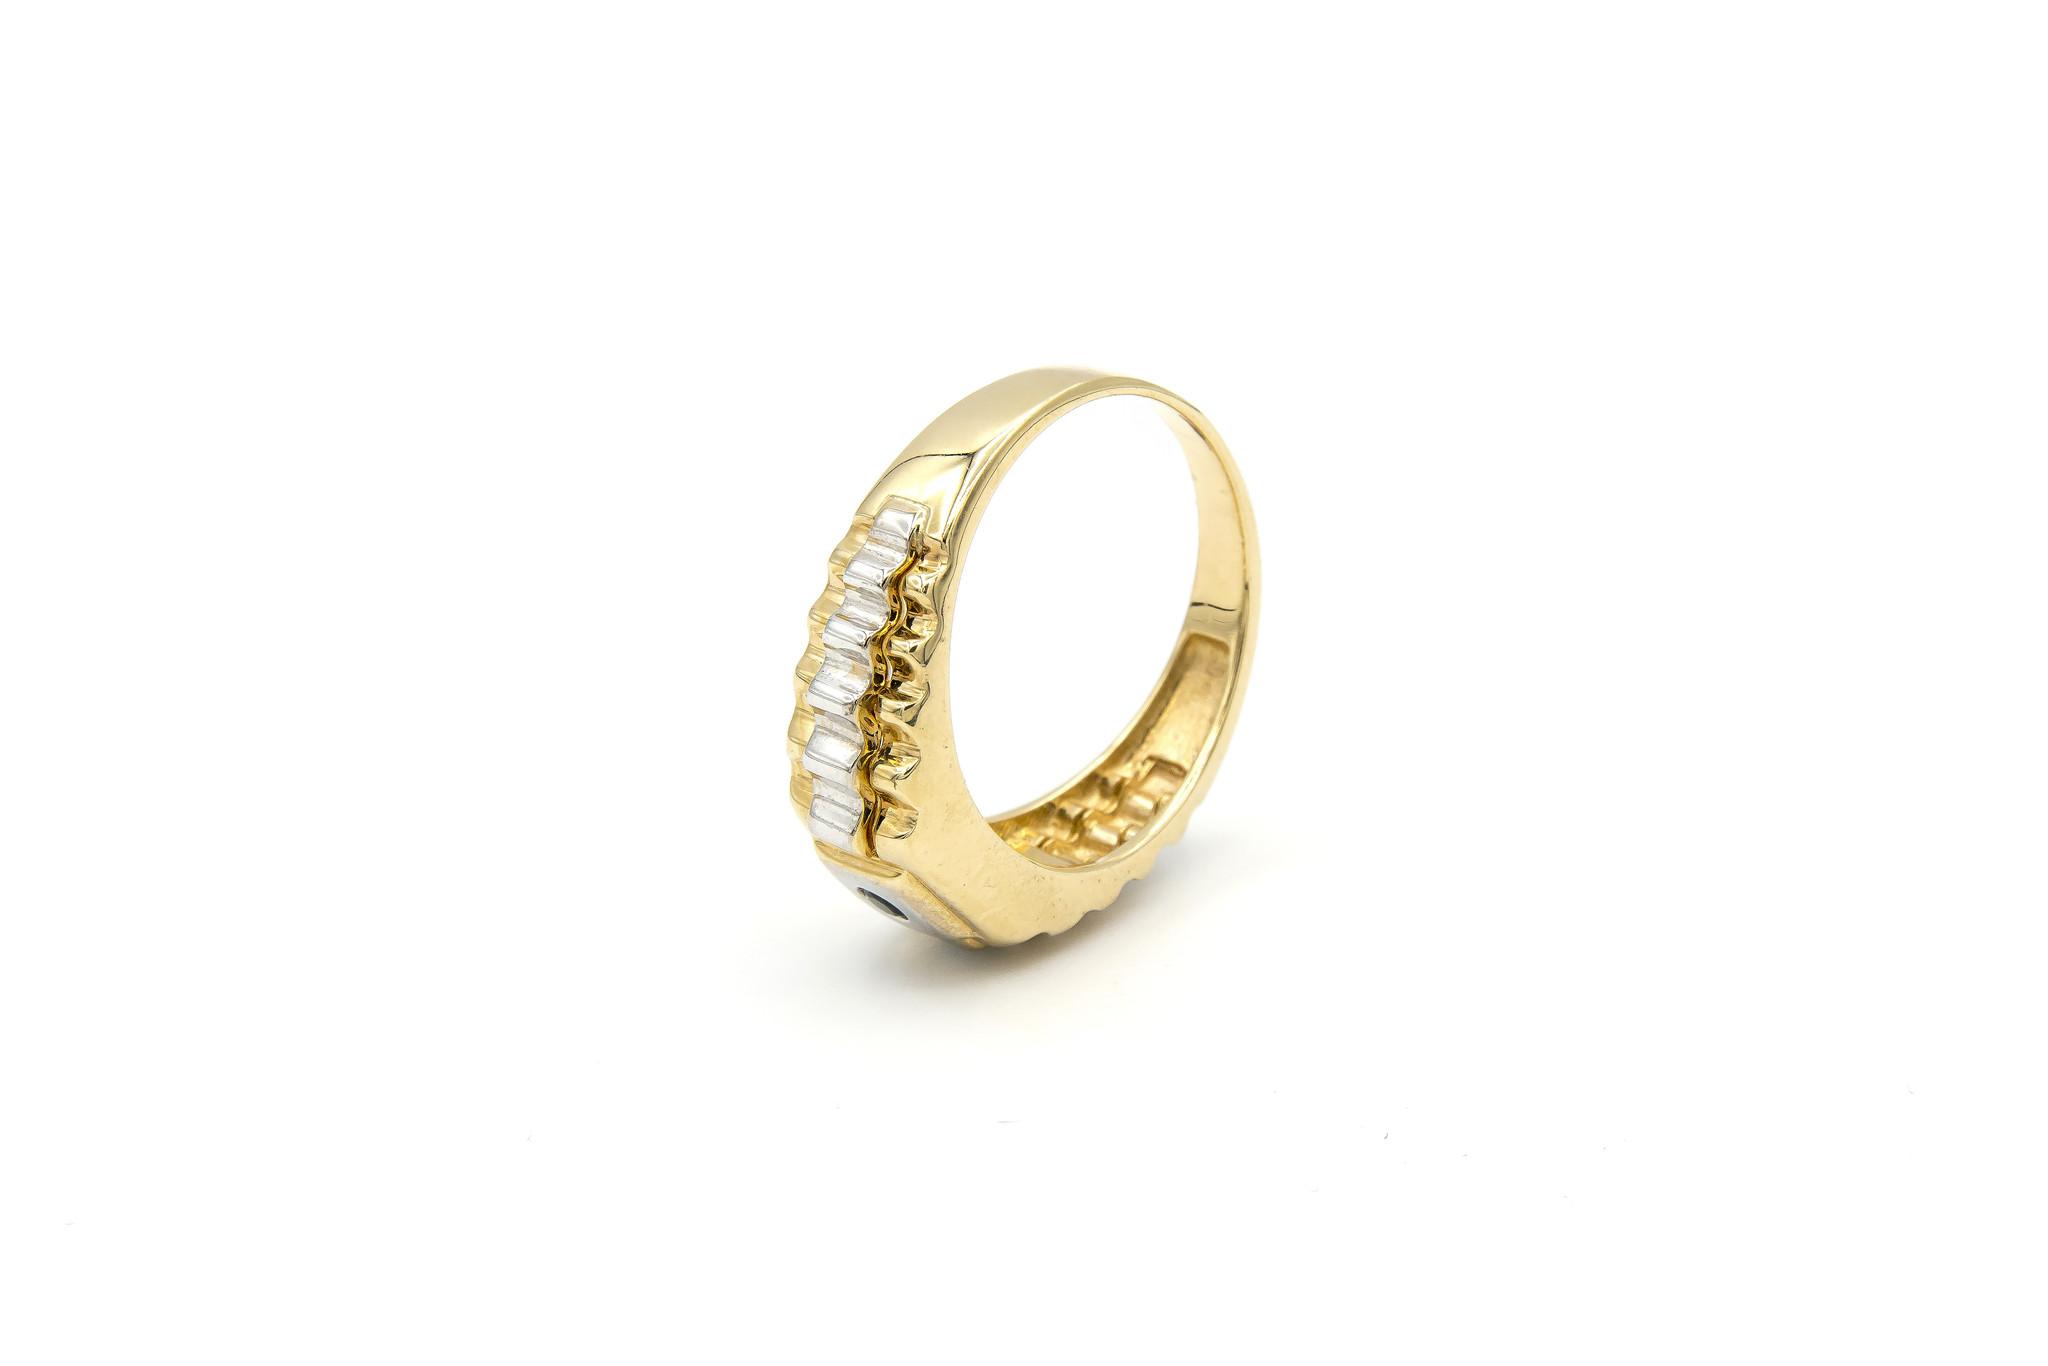 Ring zegel  wit- en geelgoud met zwarte punt-5